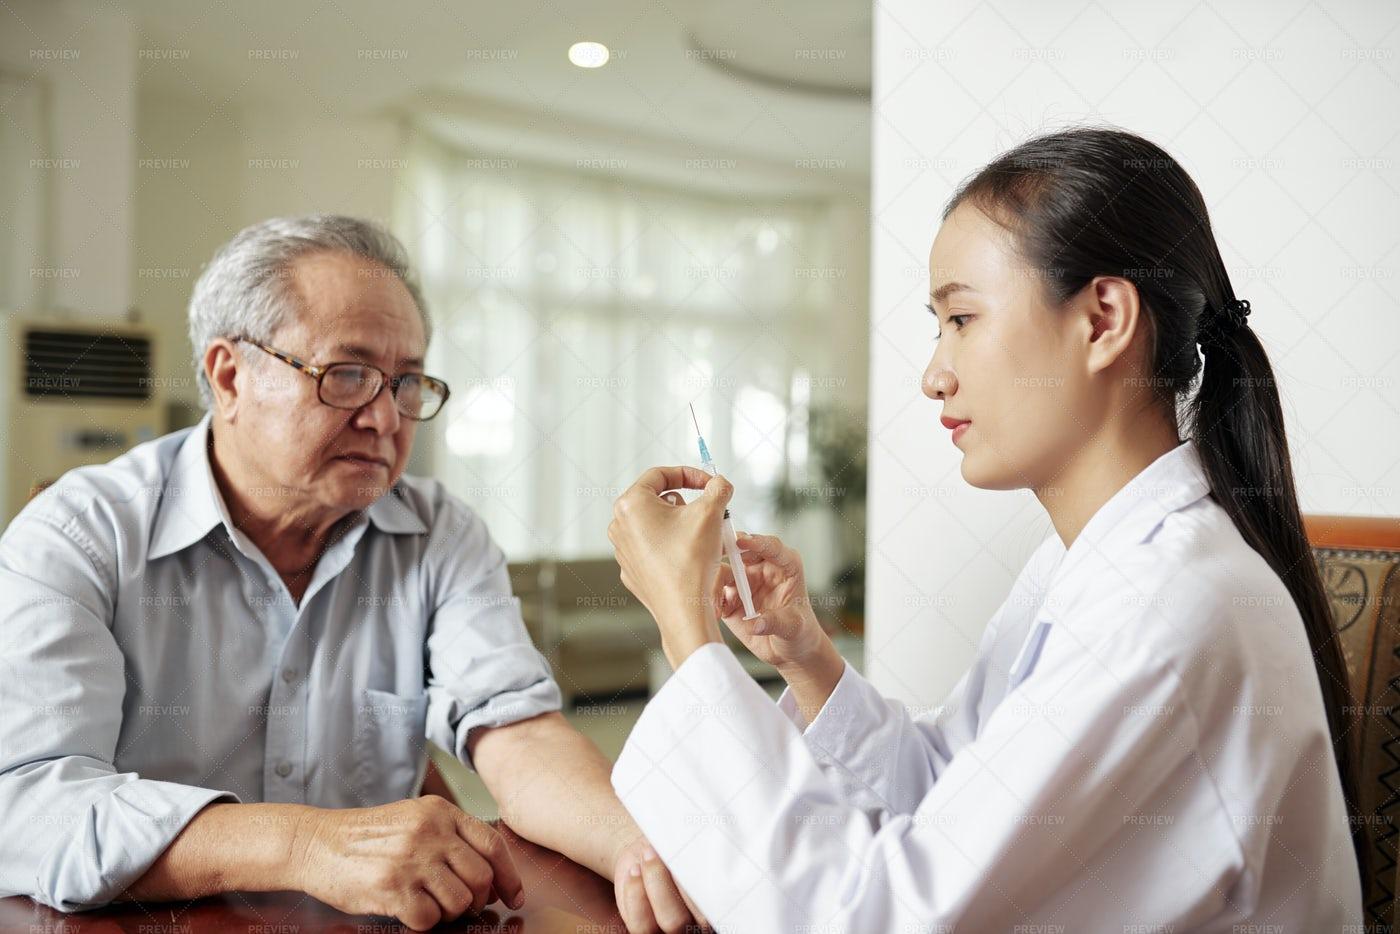 Nurse Making A Vaccination: Stock Photos